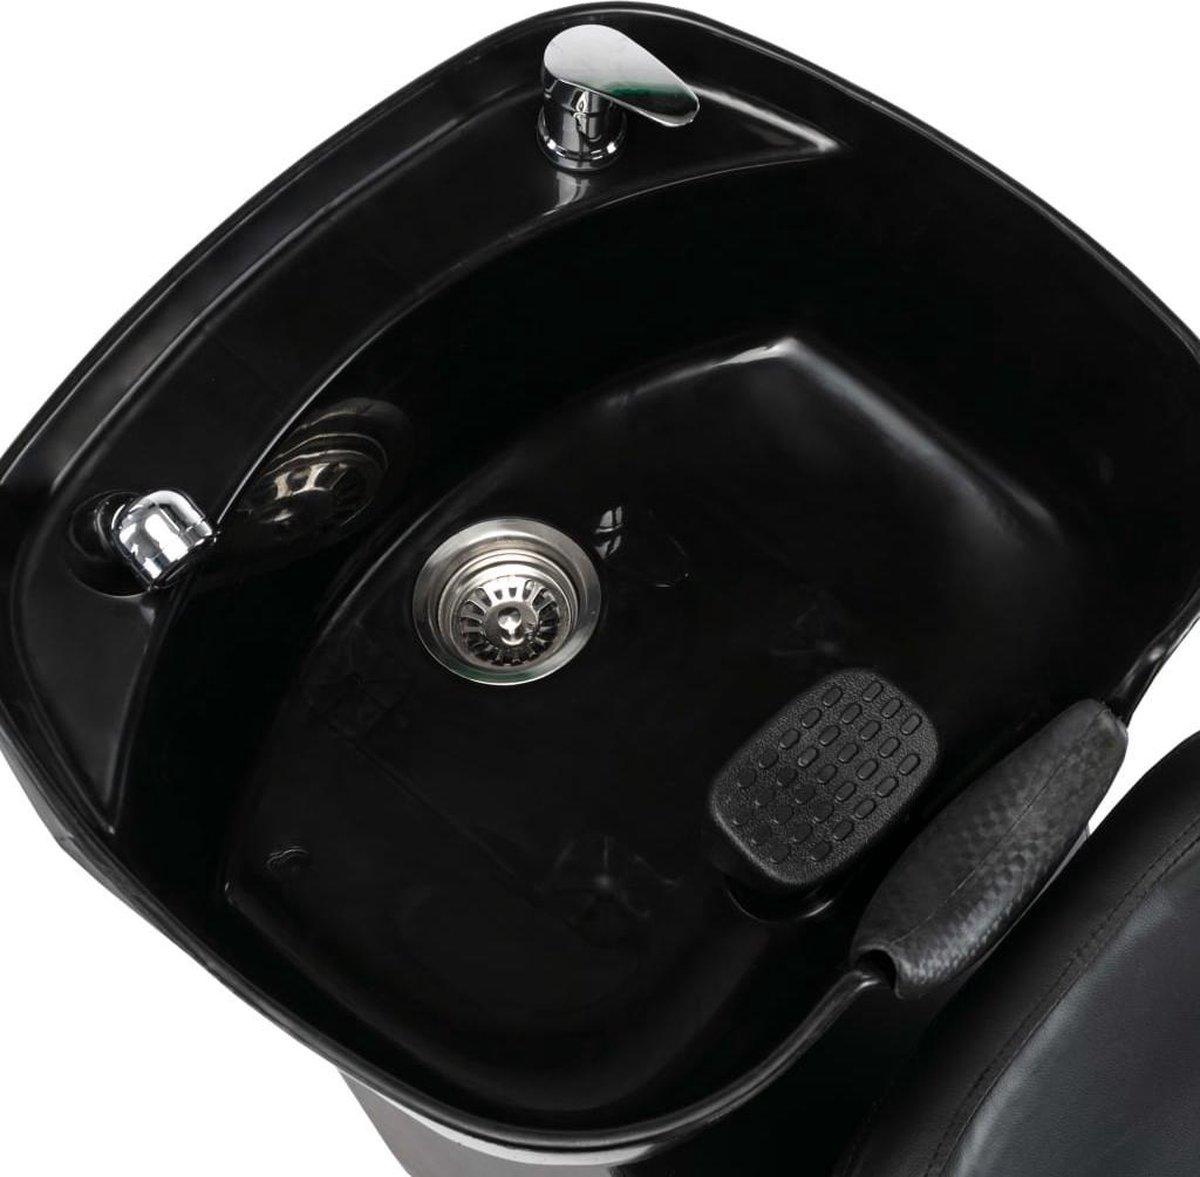 vidaXL Wasstoel met waskom kunstleer zwart VDXL_110272